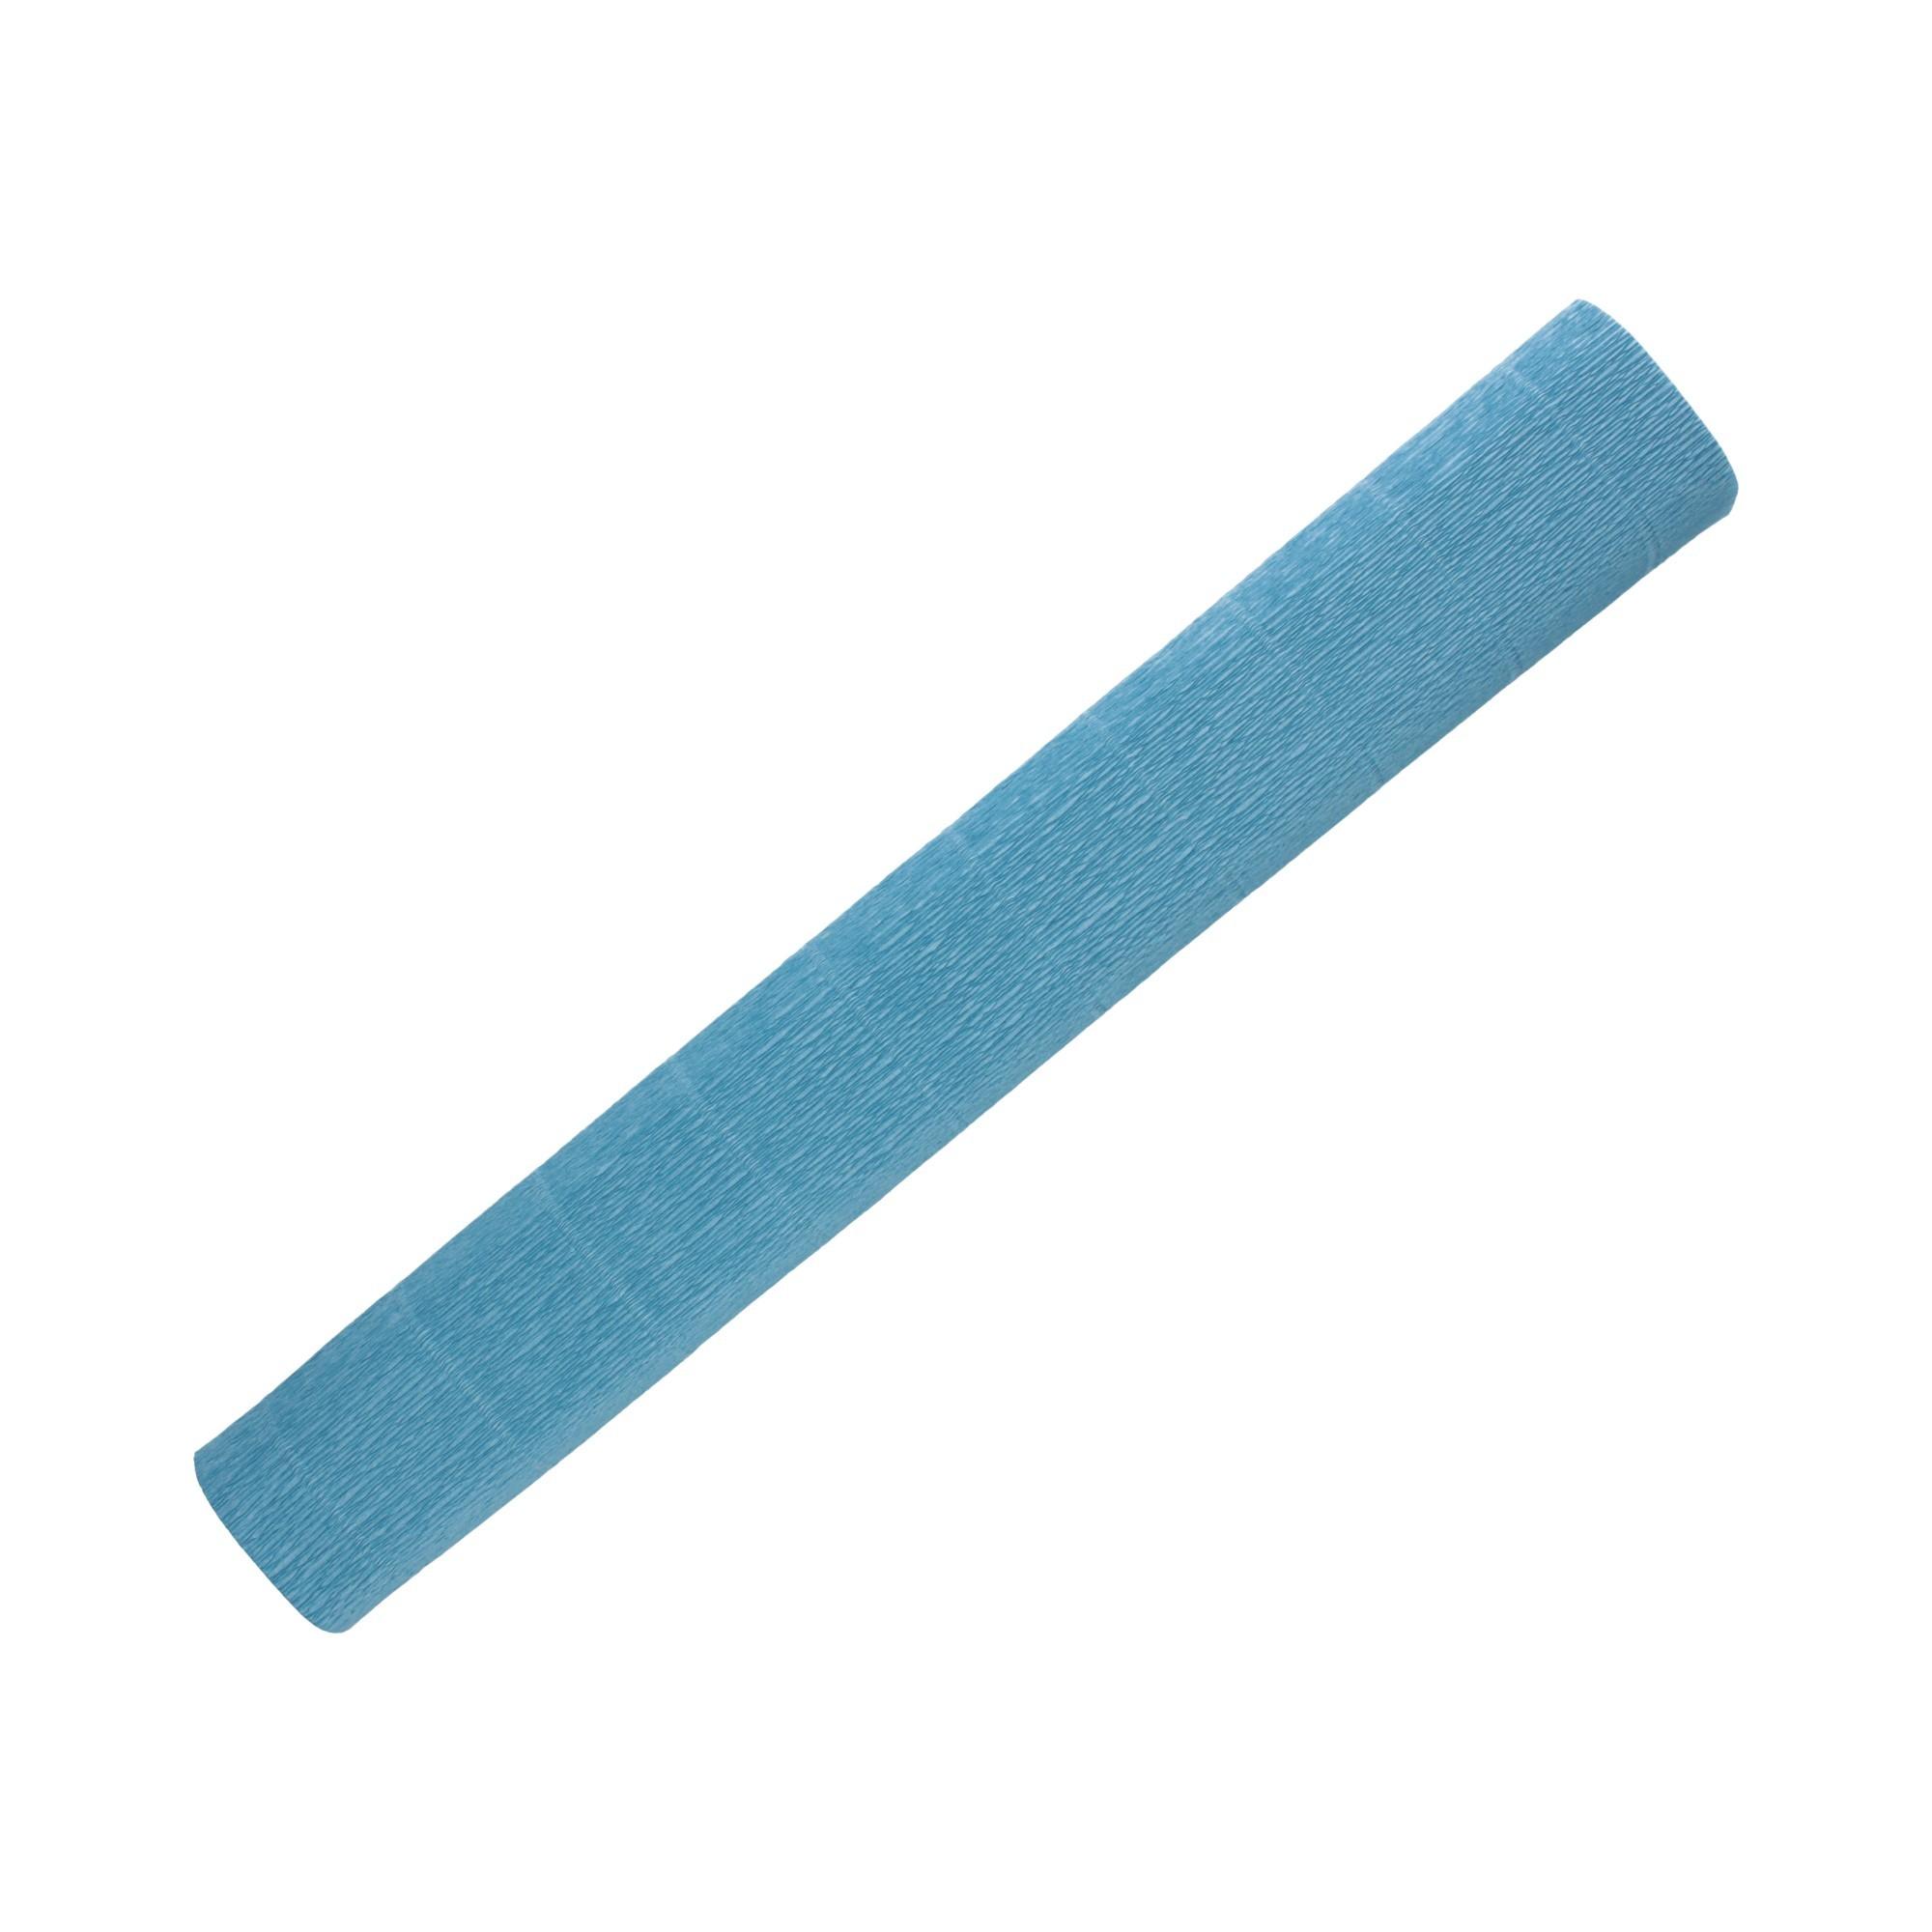 Krepina odcień niebieski 556 Latek